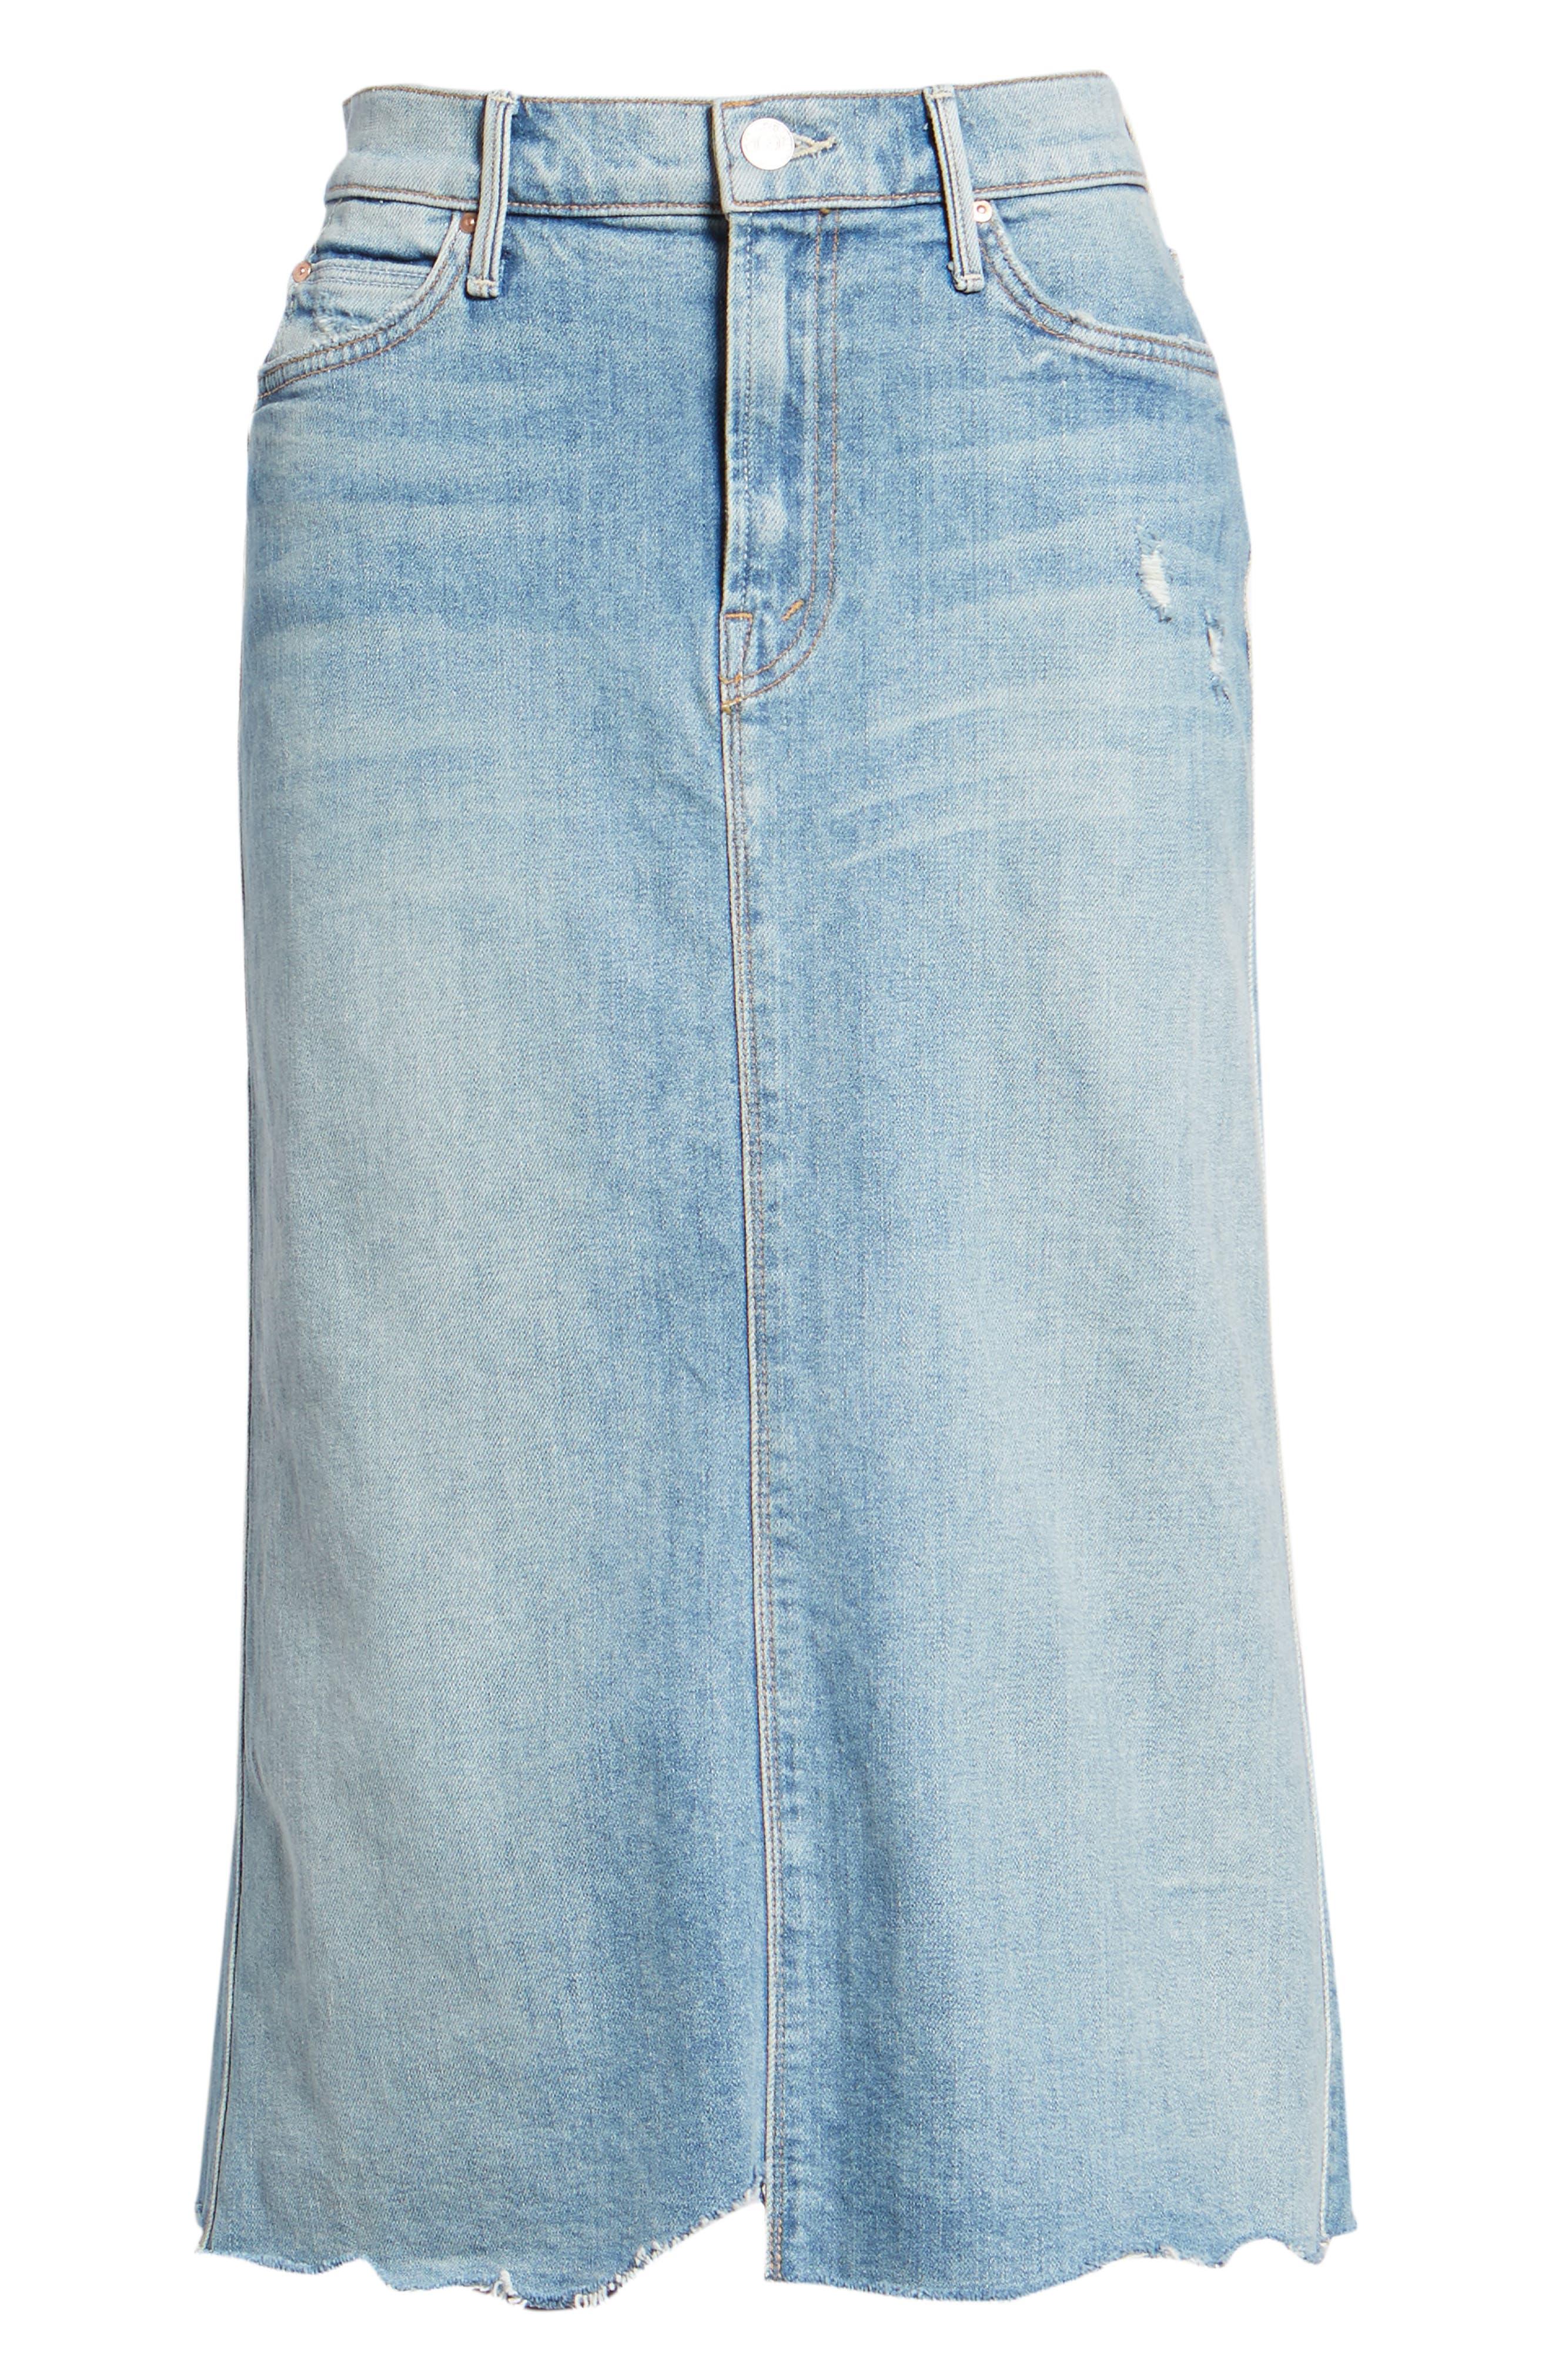 Swooner Straight-A Chewed Hem Denim Skirt,                             Alternate thumbnail 7, color,                             450